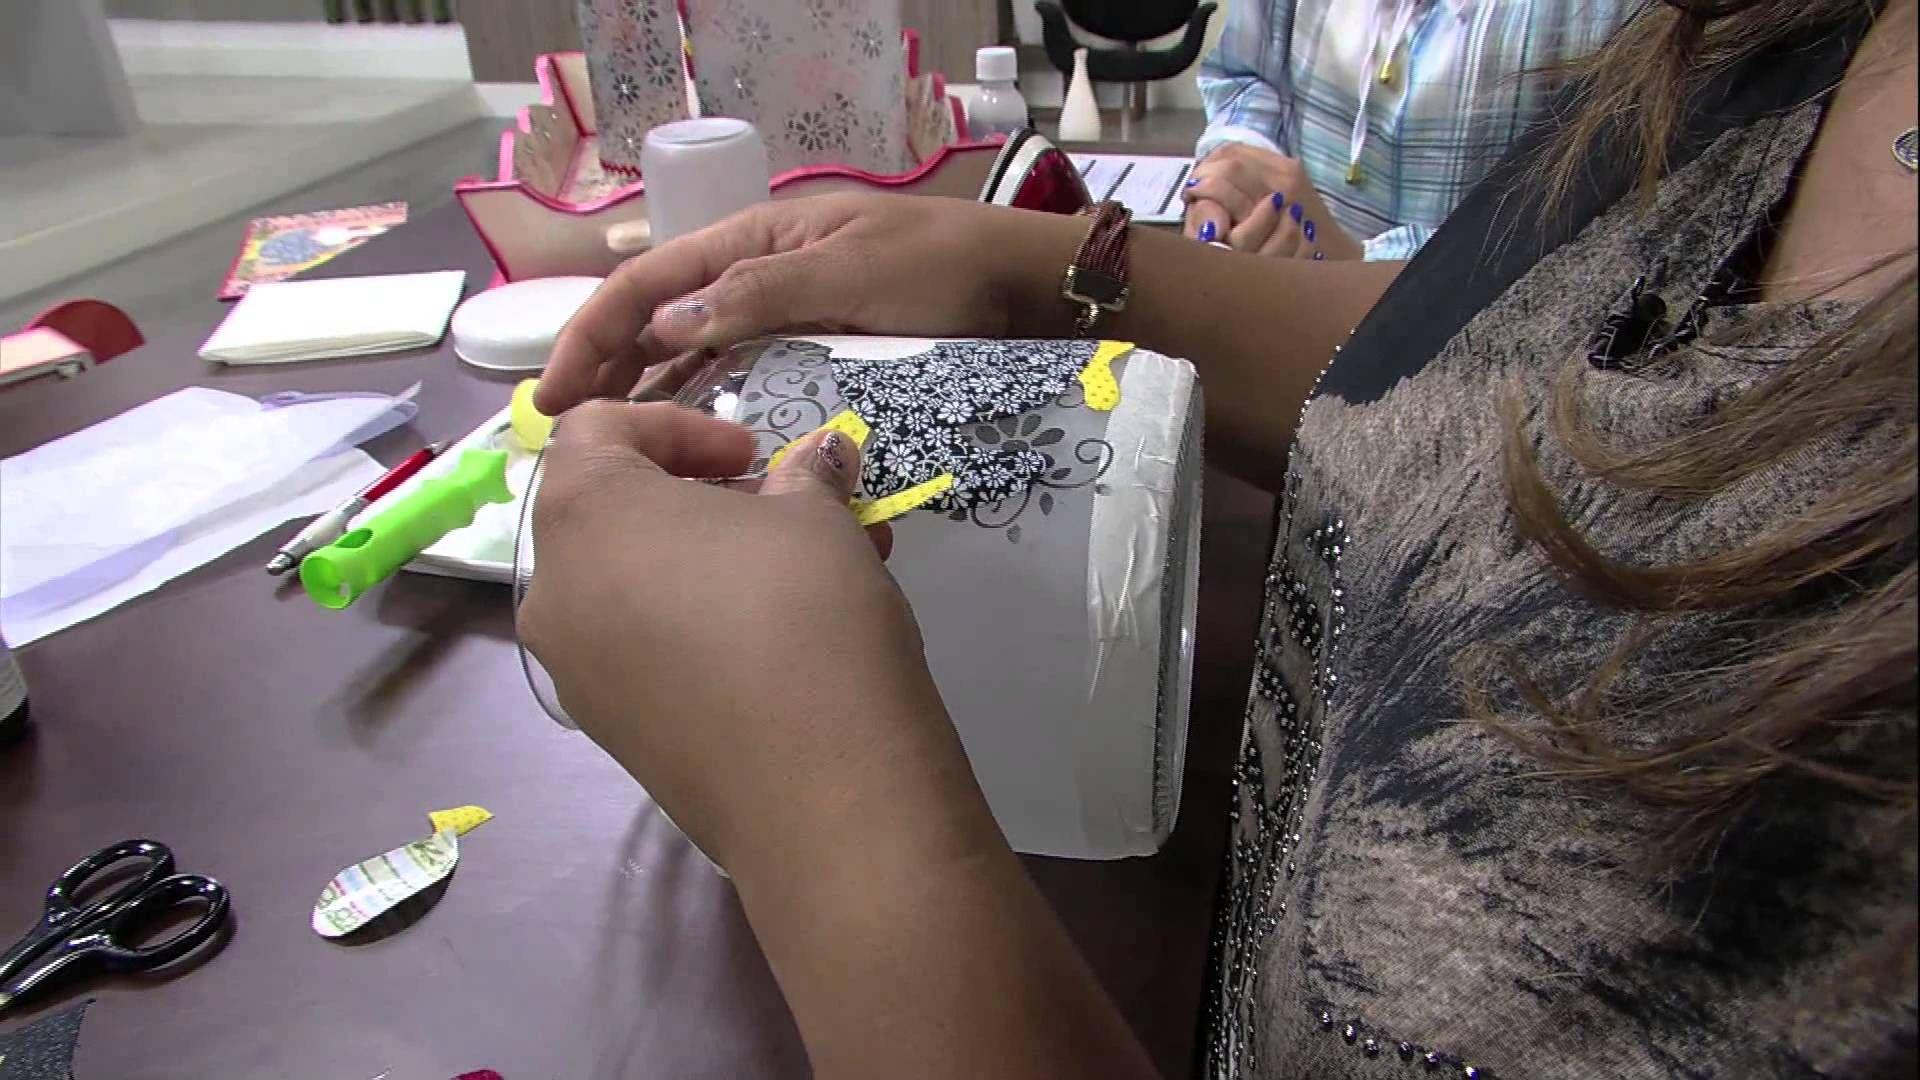 Mulher.com 11/04/2014 Adriana Teixeira - Kit vidros